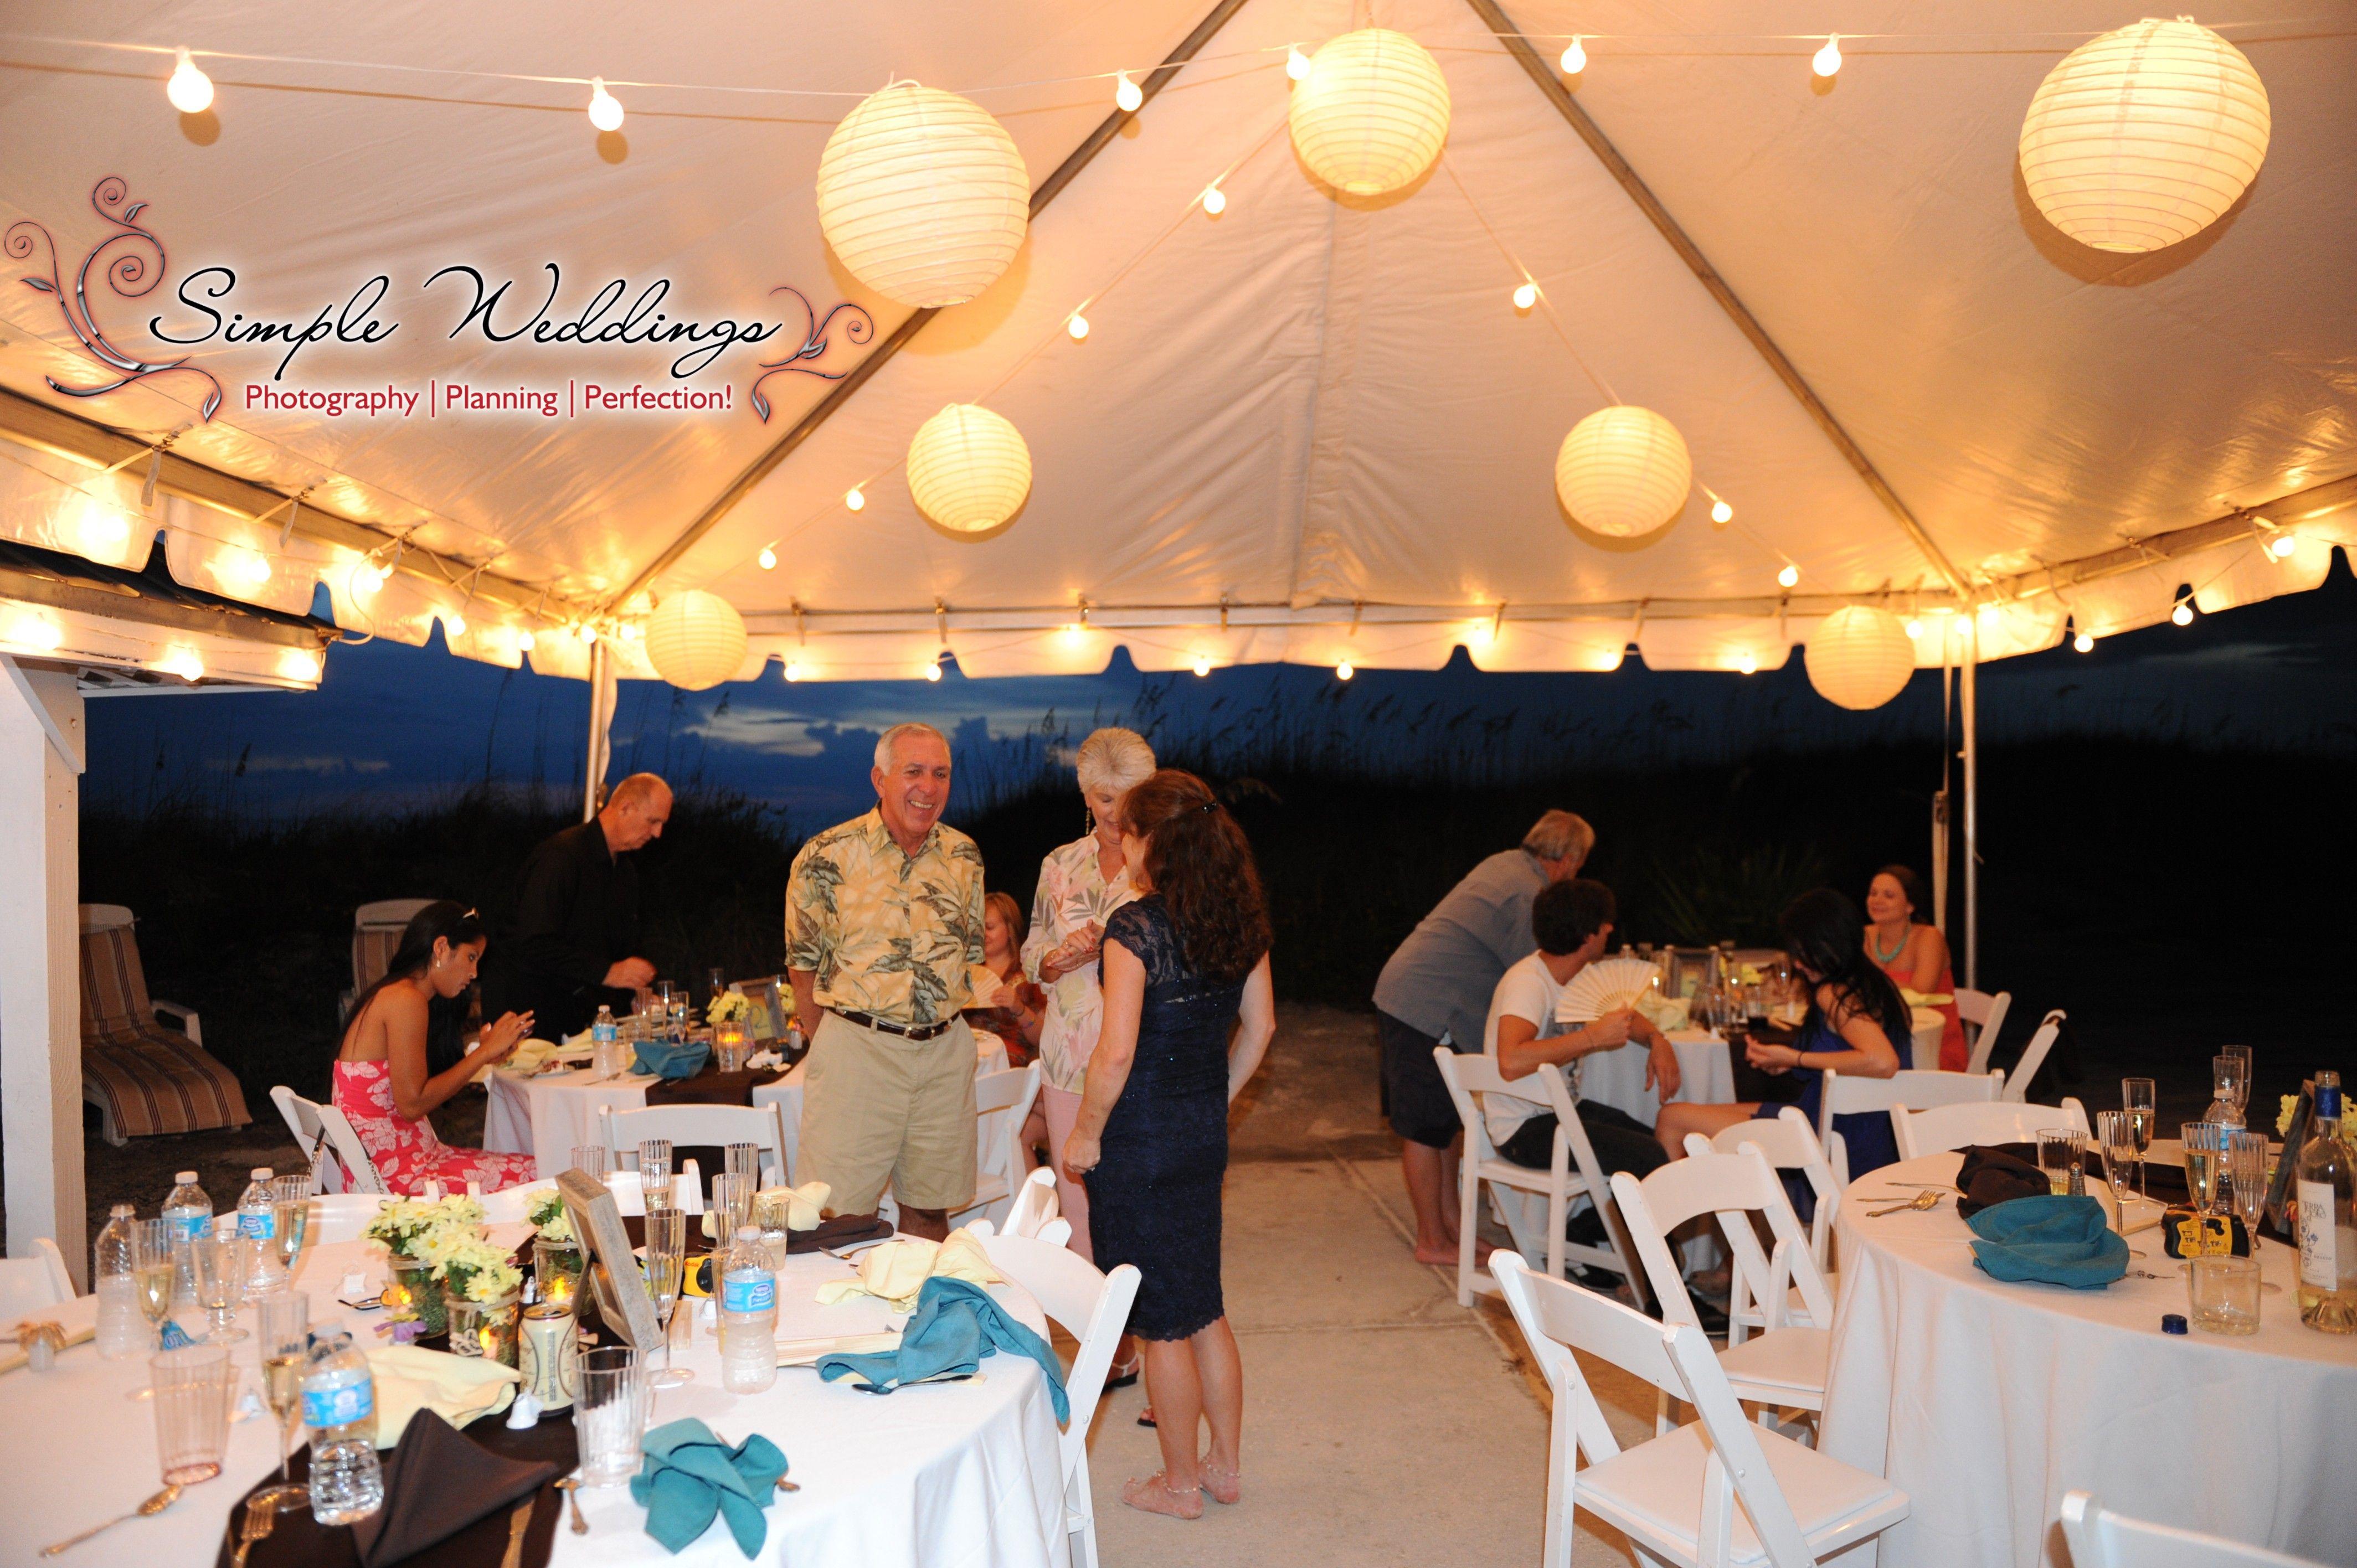 Clearwater Beach House Weddings Simple Weddings Beach Wedding Reception Wedding Reception Package Beach House Wedding Reception